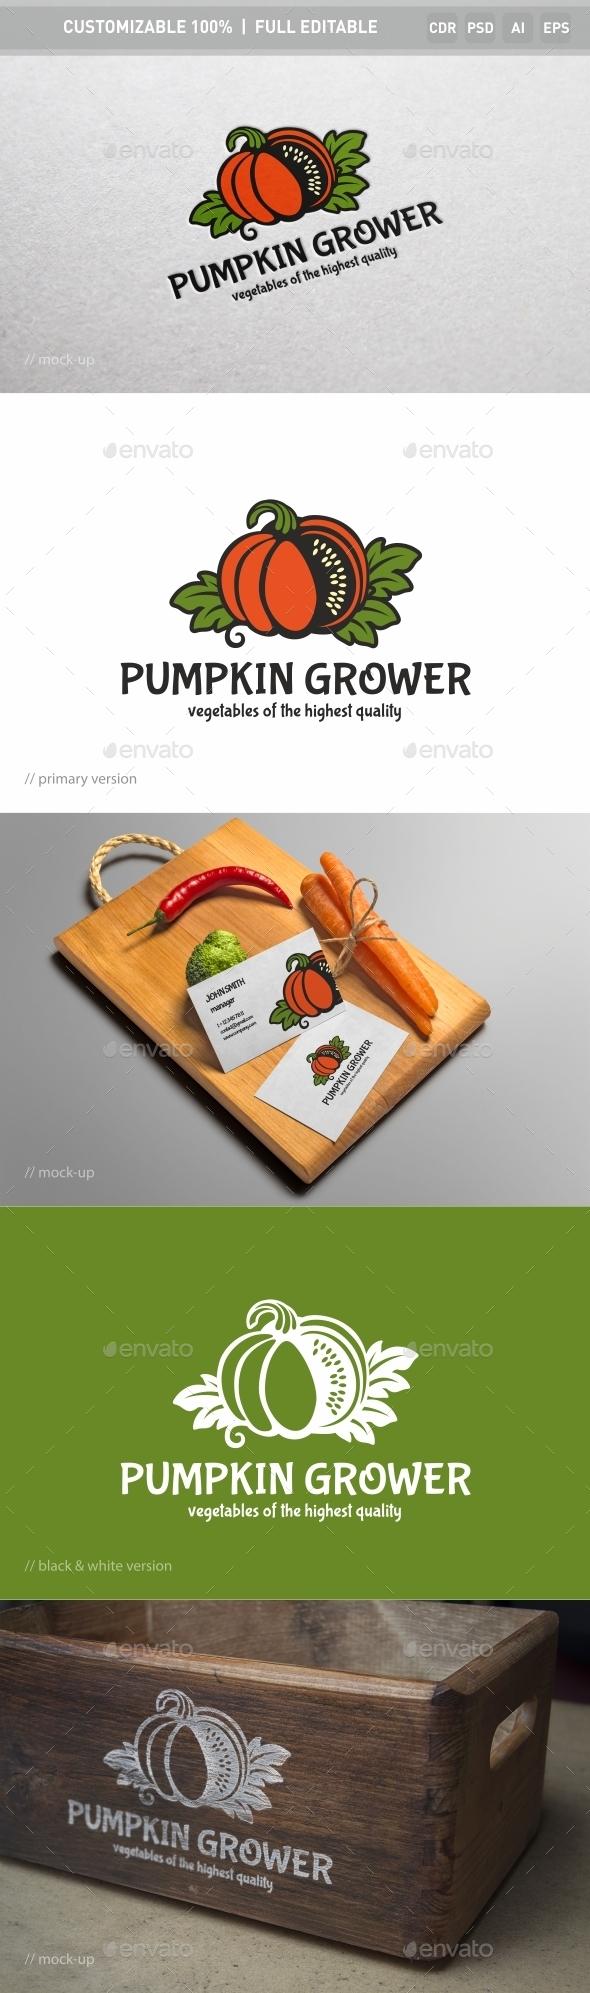 Pumpkin Grower Logo Template